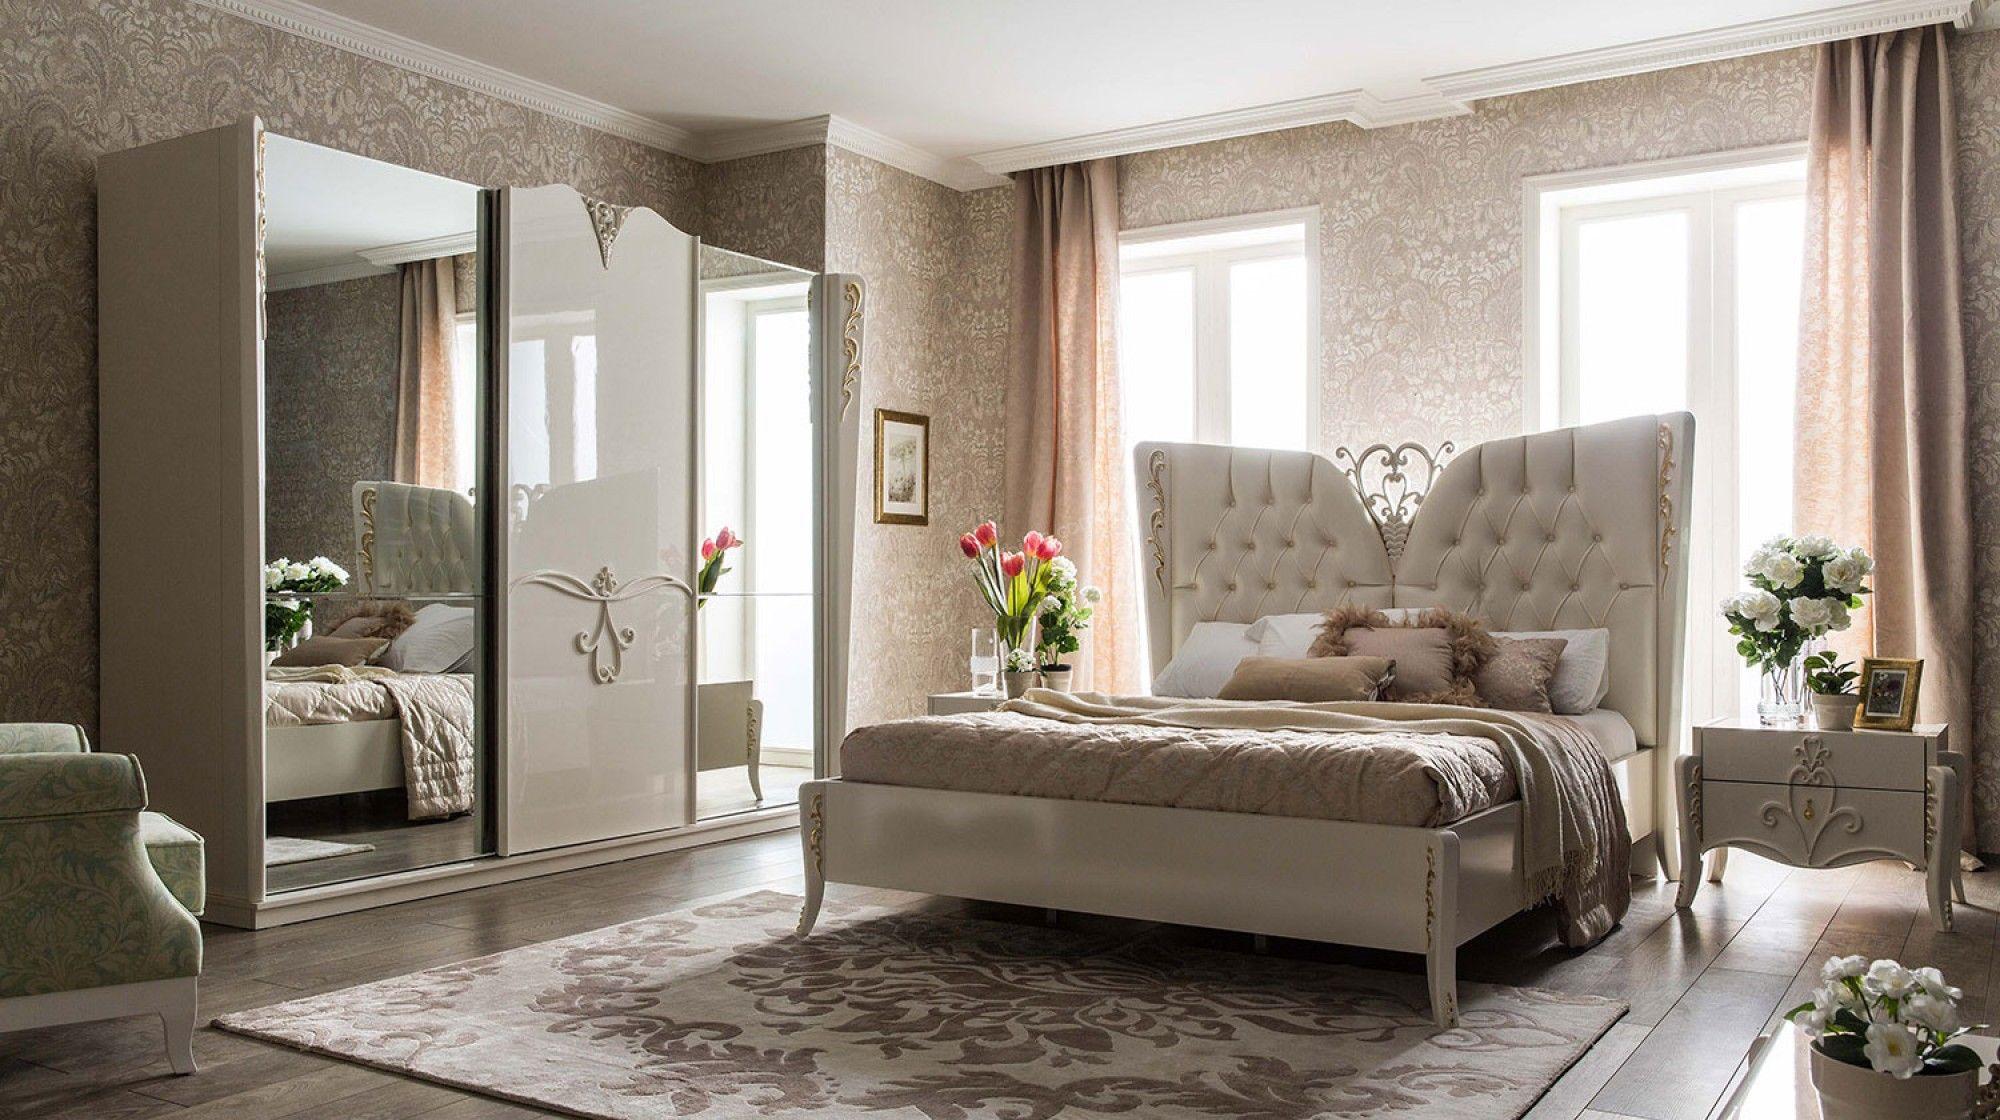 Venedik Avangarde Yatak Odasi Takimi Outlet Bedroom Idea